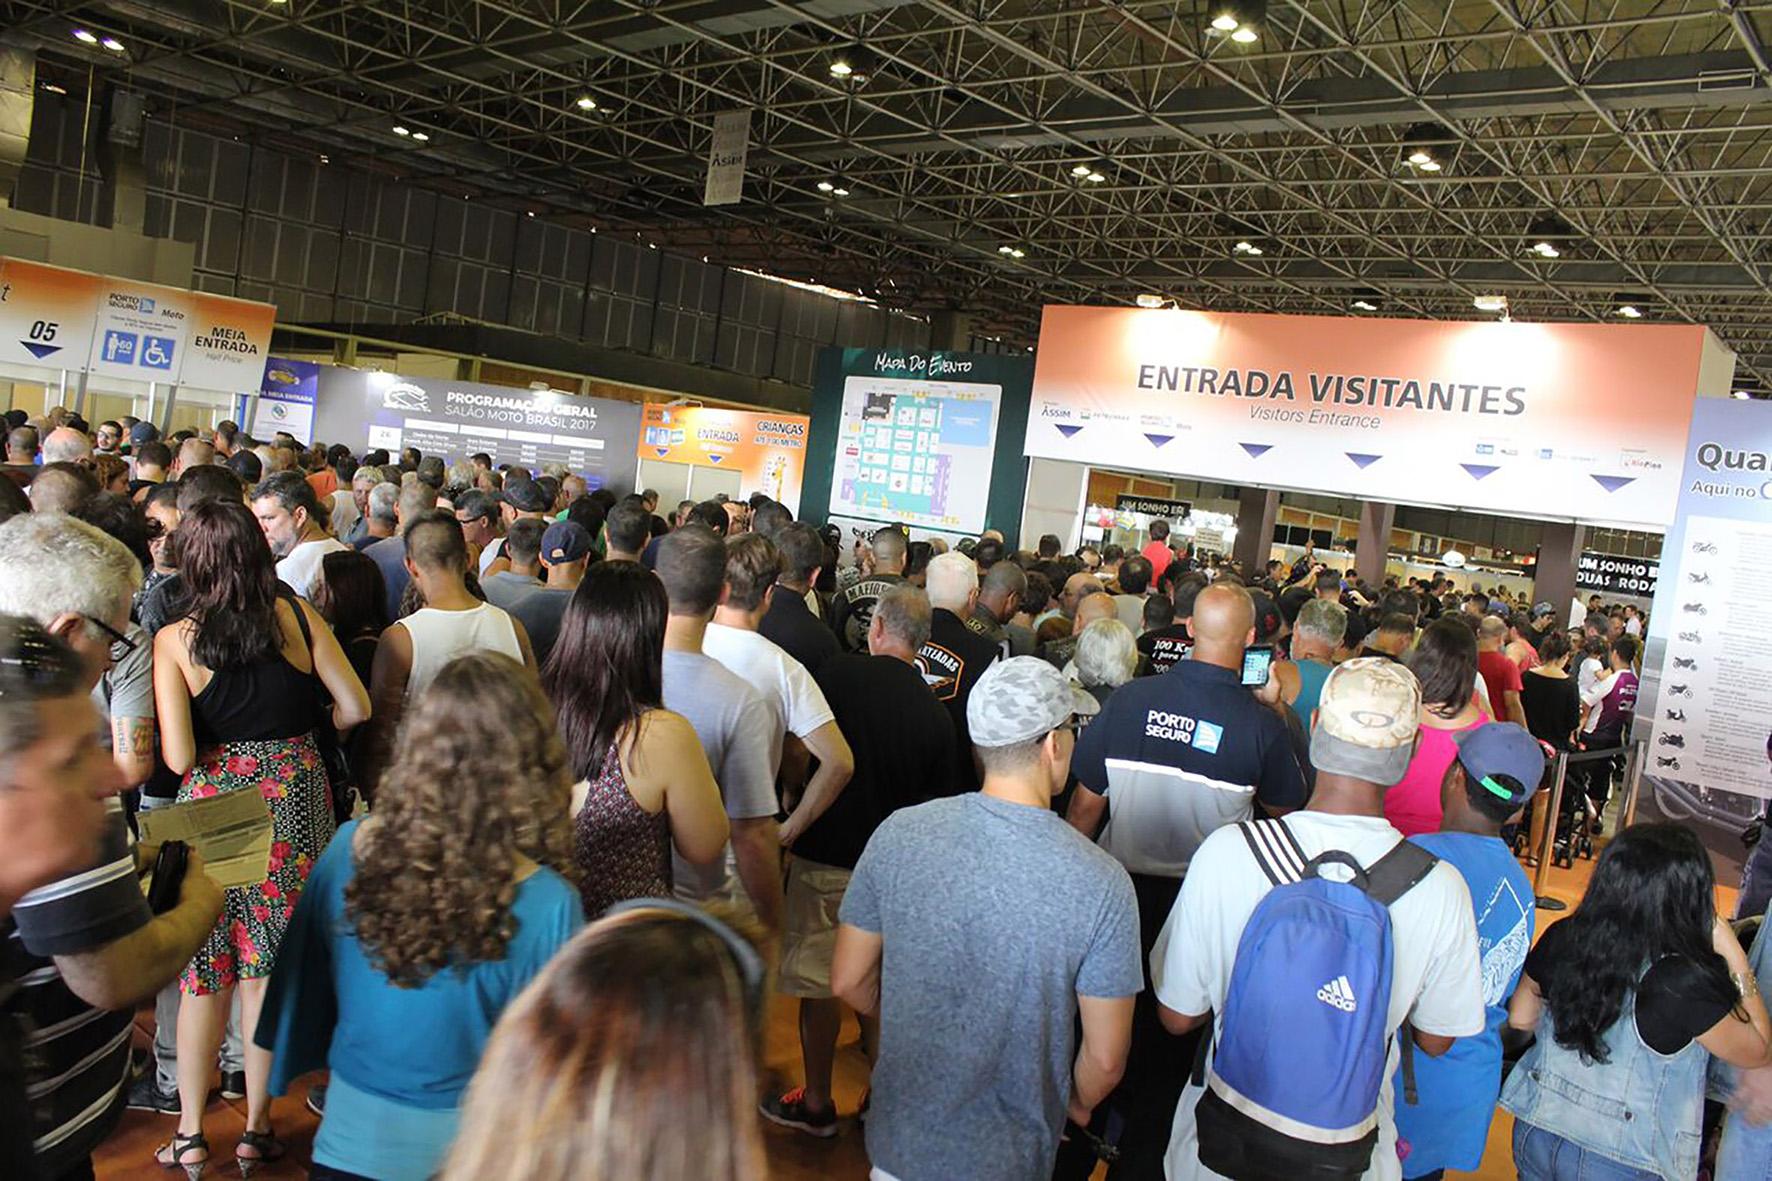 Salão Moto Brasil aconteceria entre 25 e 27 de maio no Rio, mas foi adiado para este fim de semana